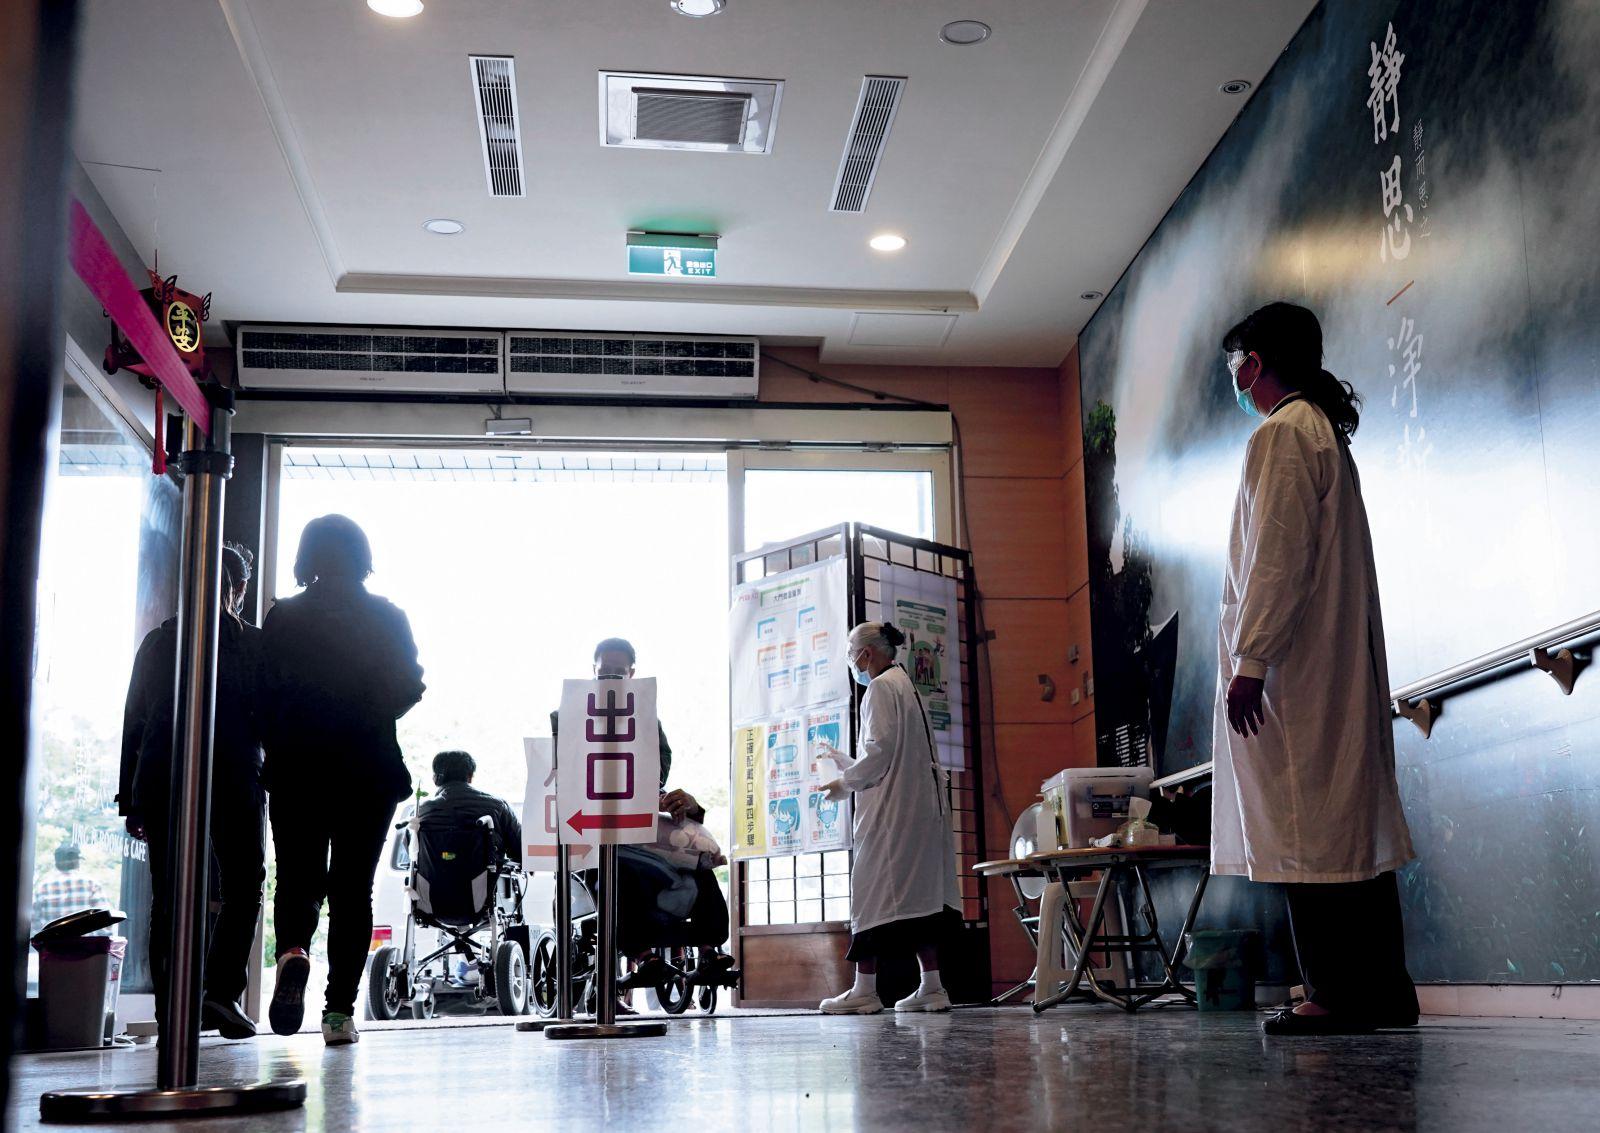 志工在花蓮慈院各出入口輪班,協助訪客清潔手部、提醒戴口罩。配合防疫升級,三月起全臺醫療志工已暫停入院服務。